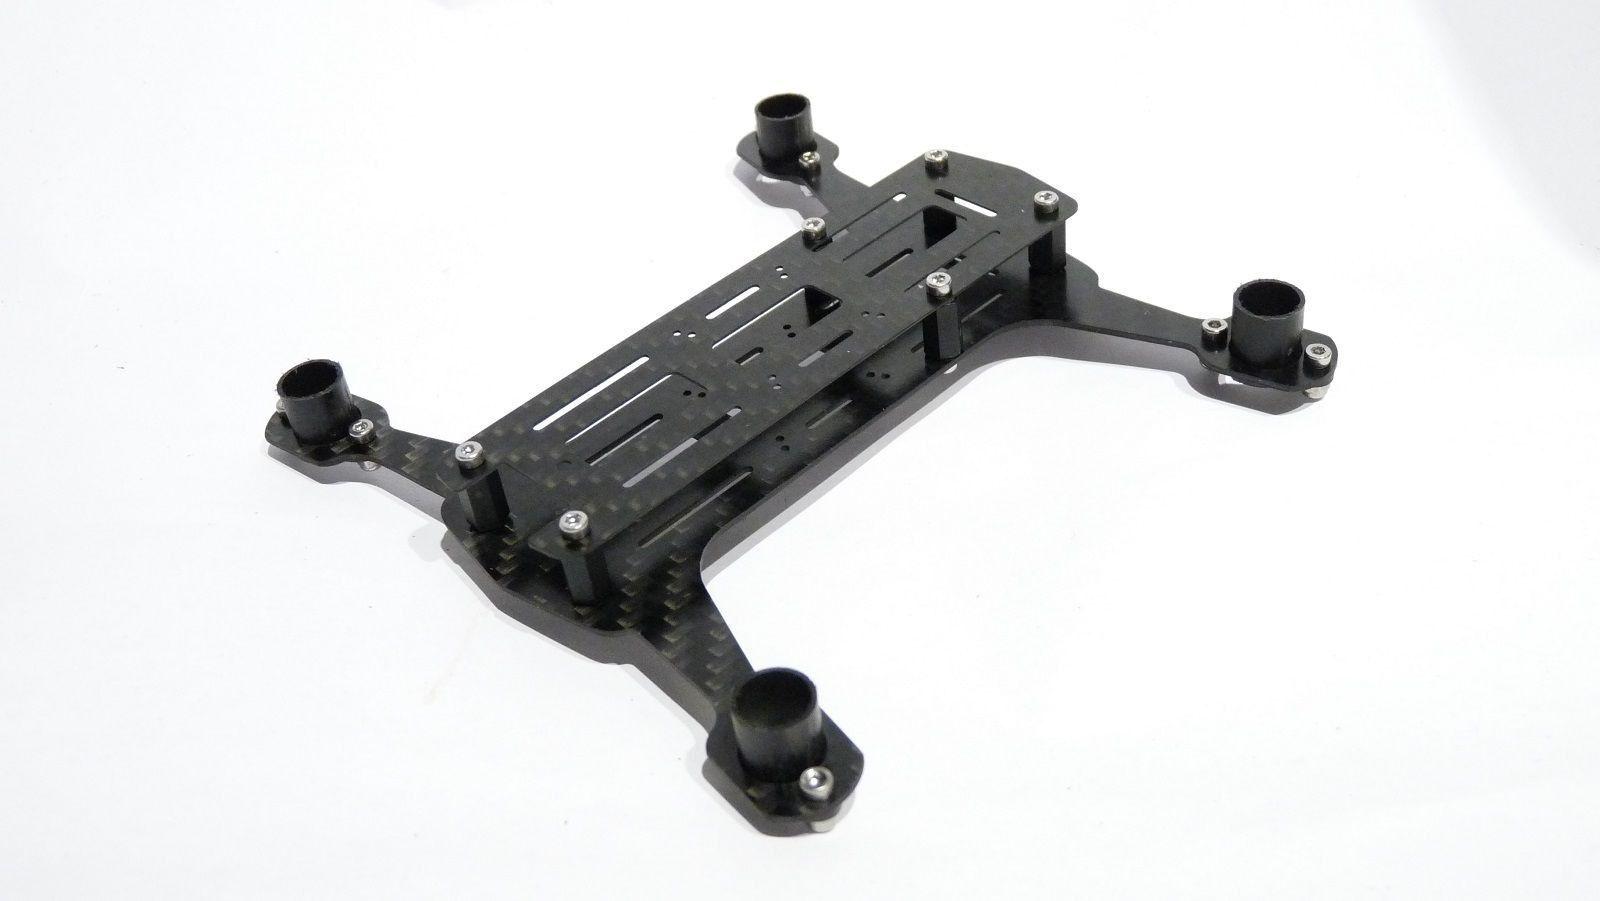 quadflyer 135mm carbon micro h quadcopter frame designed in germany made in germany - Micro Quadcopter Frame